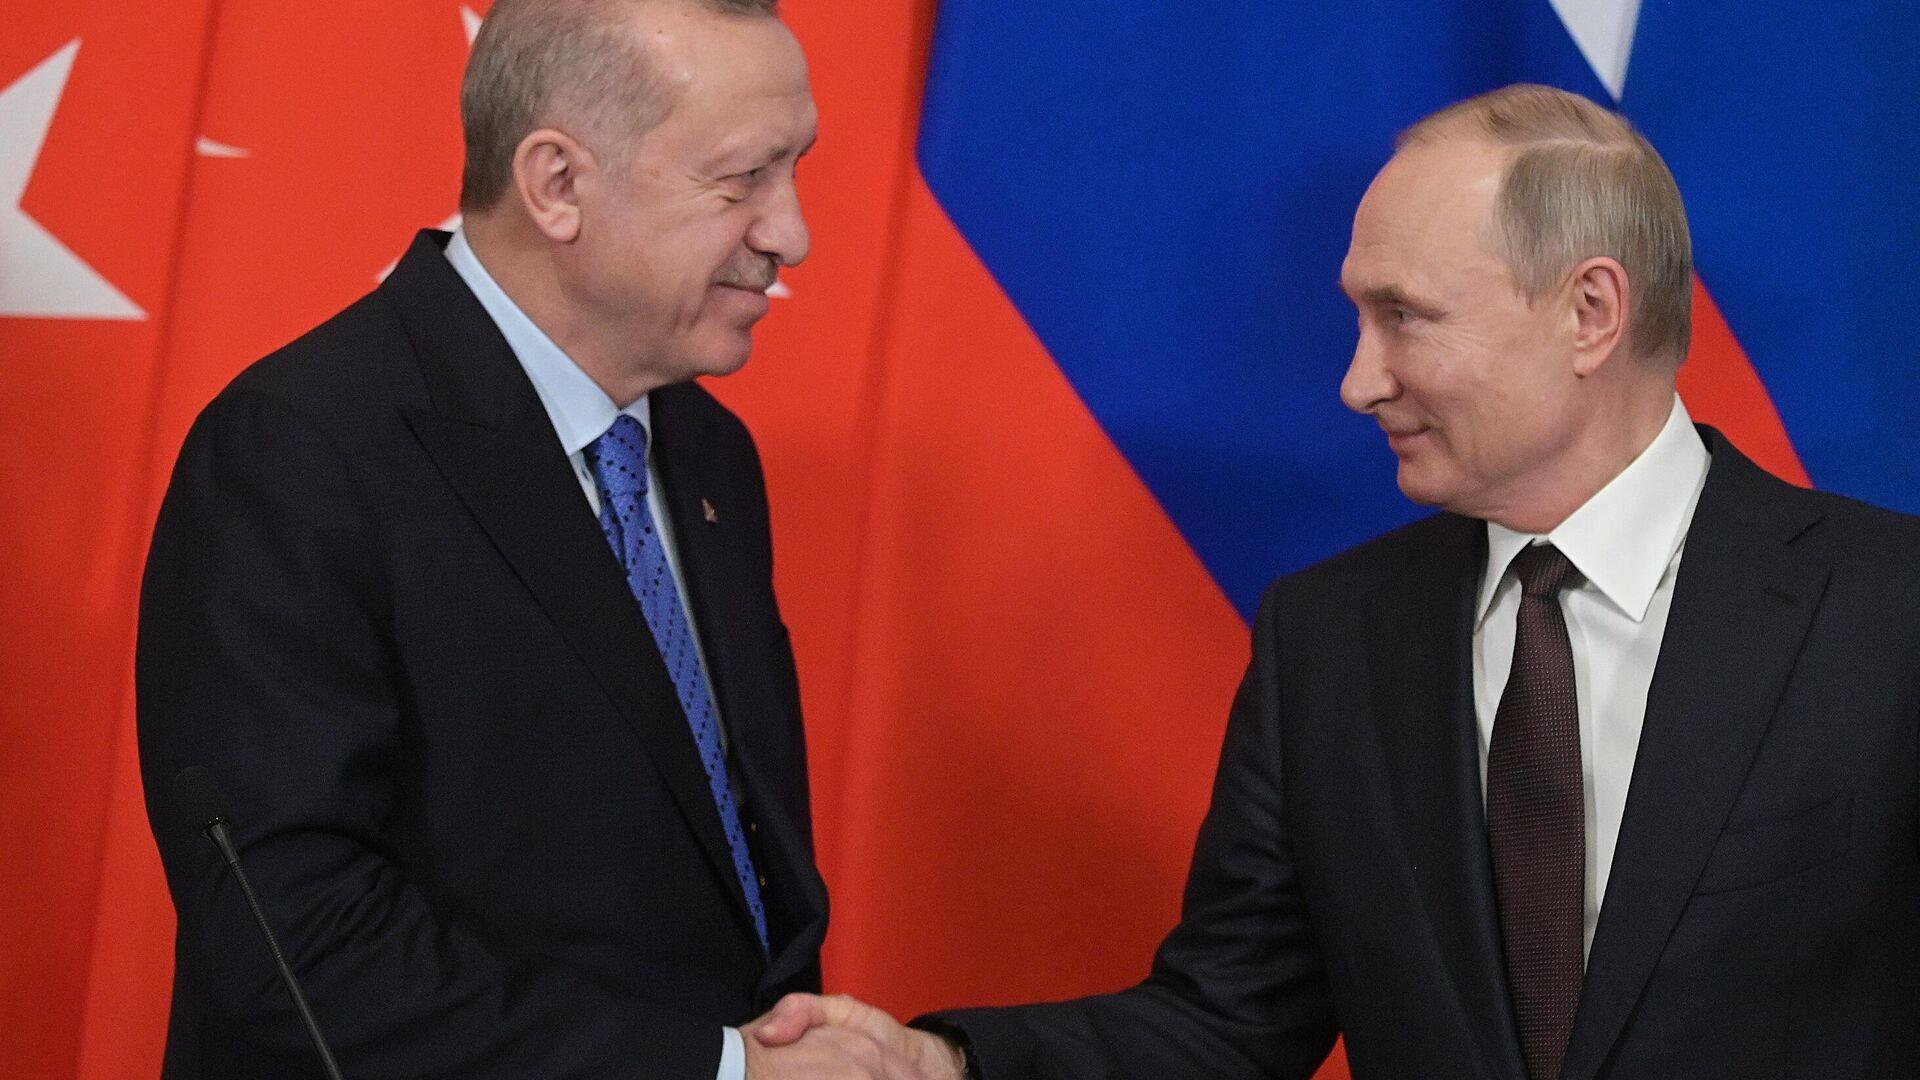 Президент РФ Владимир Путин и президент Турции Реджеп Тайип Эрдоган во время пресс-подхода - РИА Новости, 1920, 09.04.2021